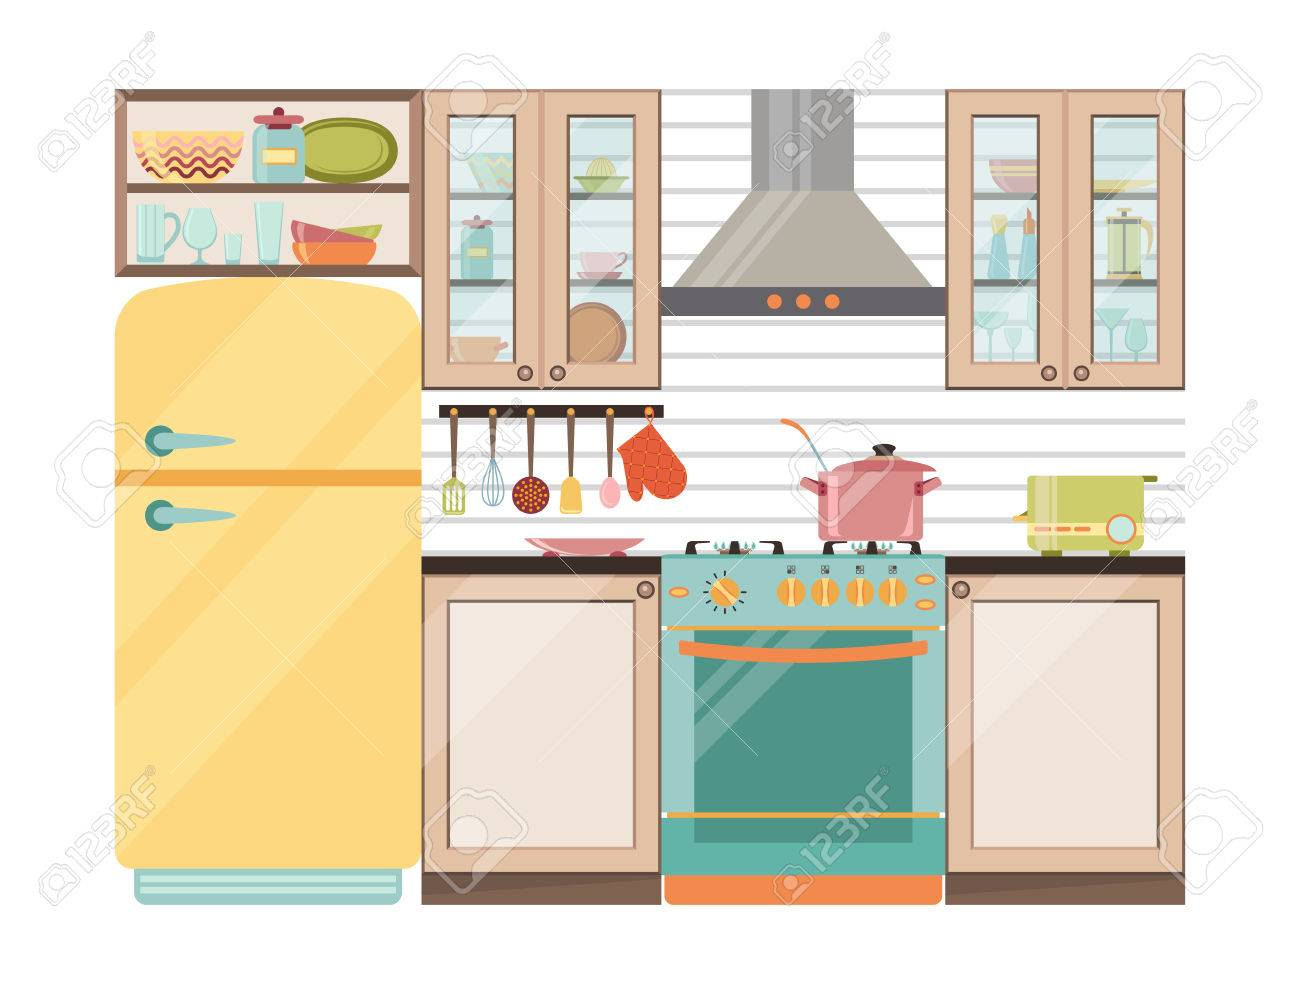 Küche Interieur. Küchengeräte Und Geschirr Im Retro-Stil Lizenzfrei ...